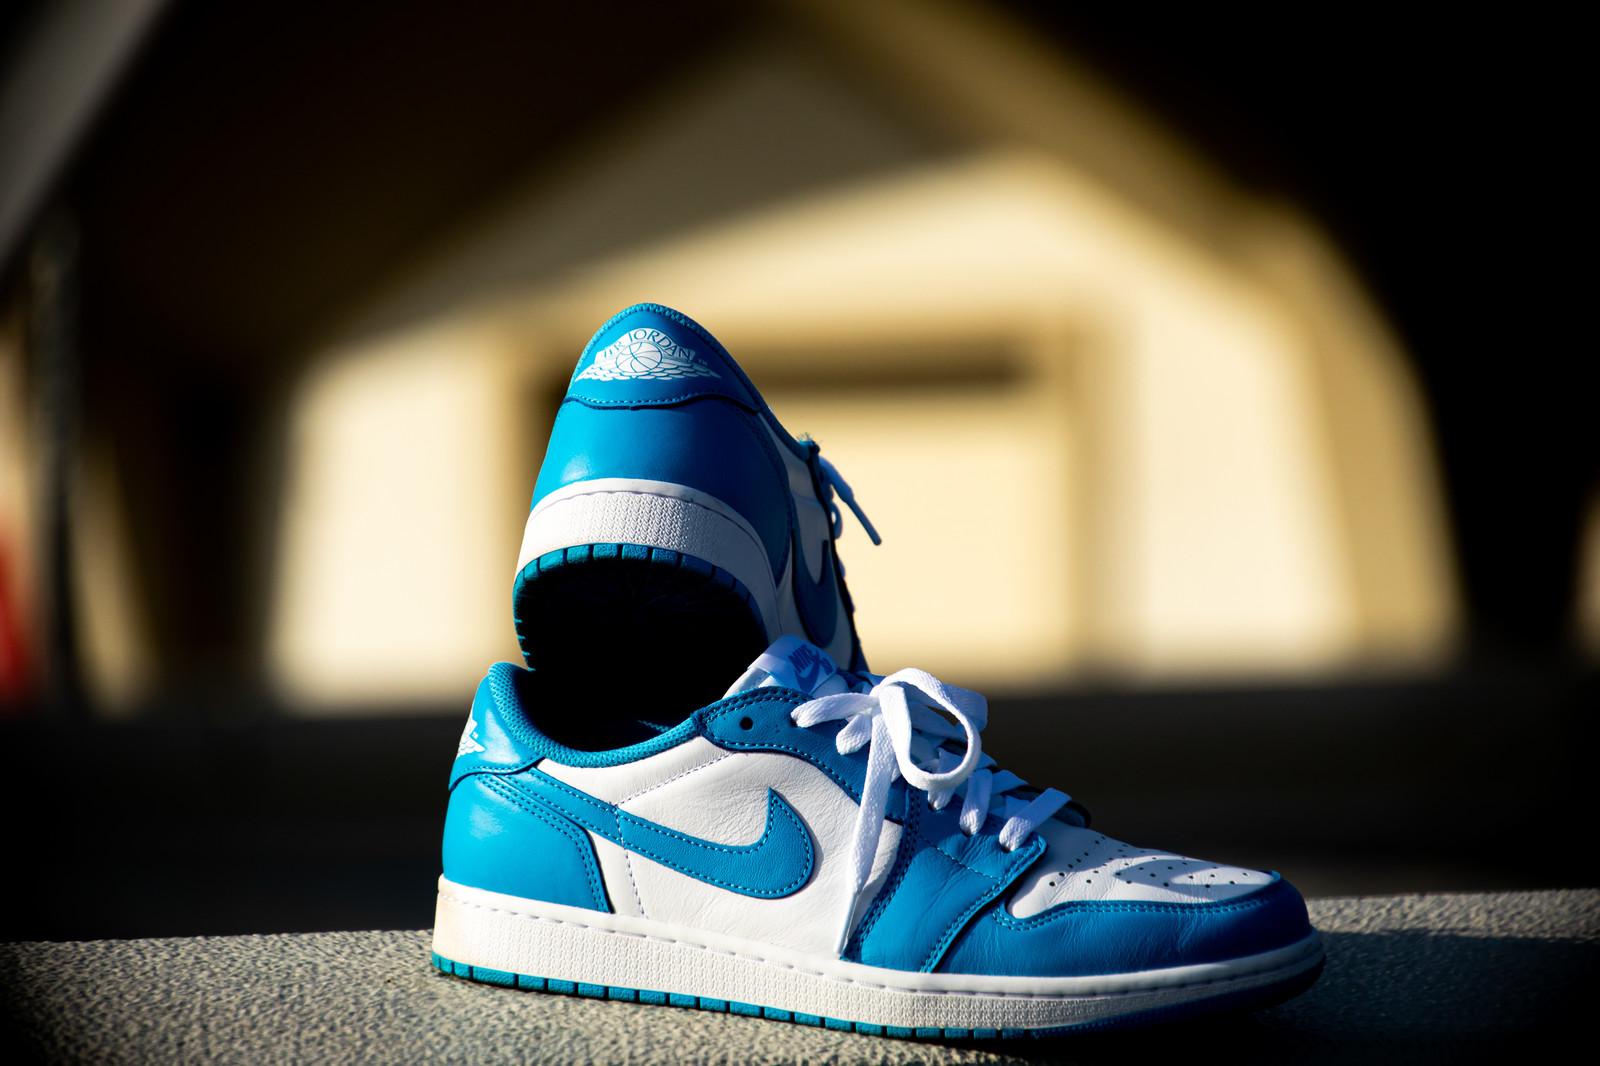 コロナウイルスが靴底に感染?靴の消毒が効果的?コロナ対策まとめ!